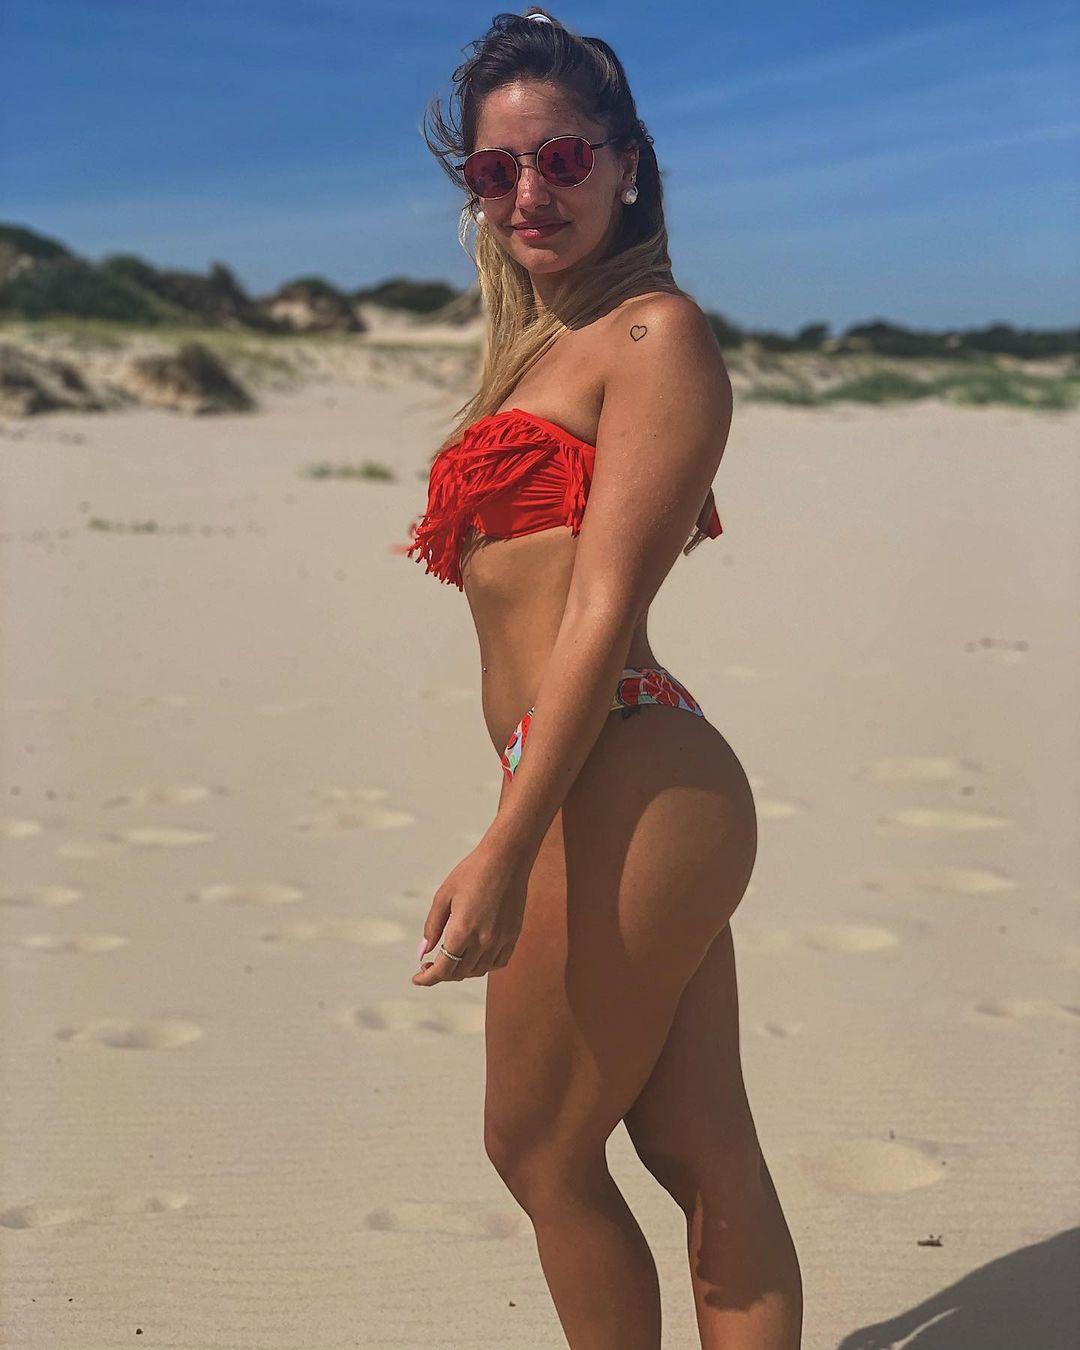 Паула Монтилья – жена защитника «Динамо» Гильермо Варелы. Познакомились в спортзале, а теперь она его личный тренер!